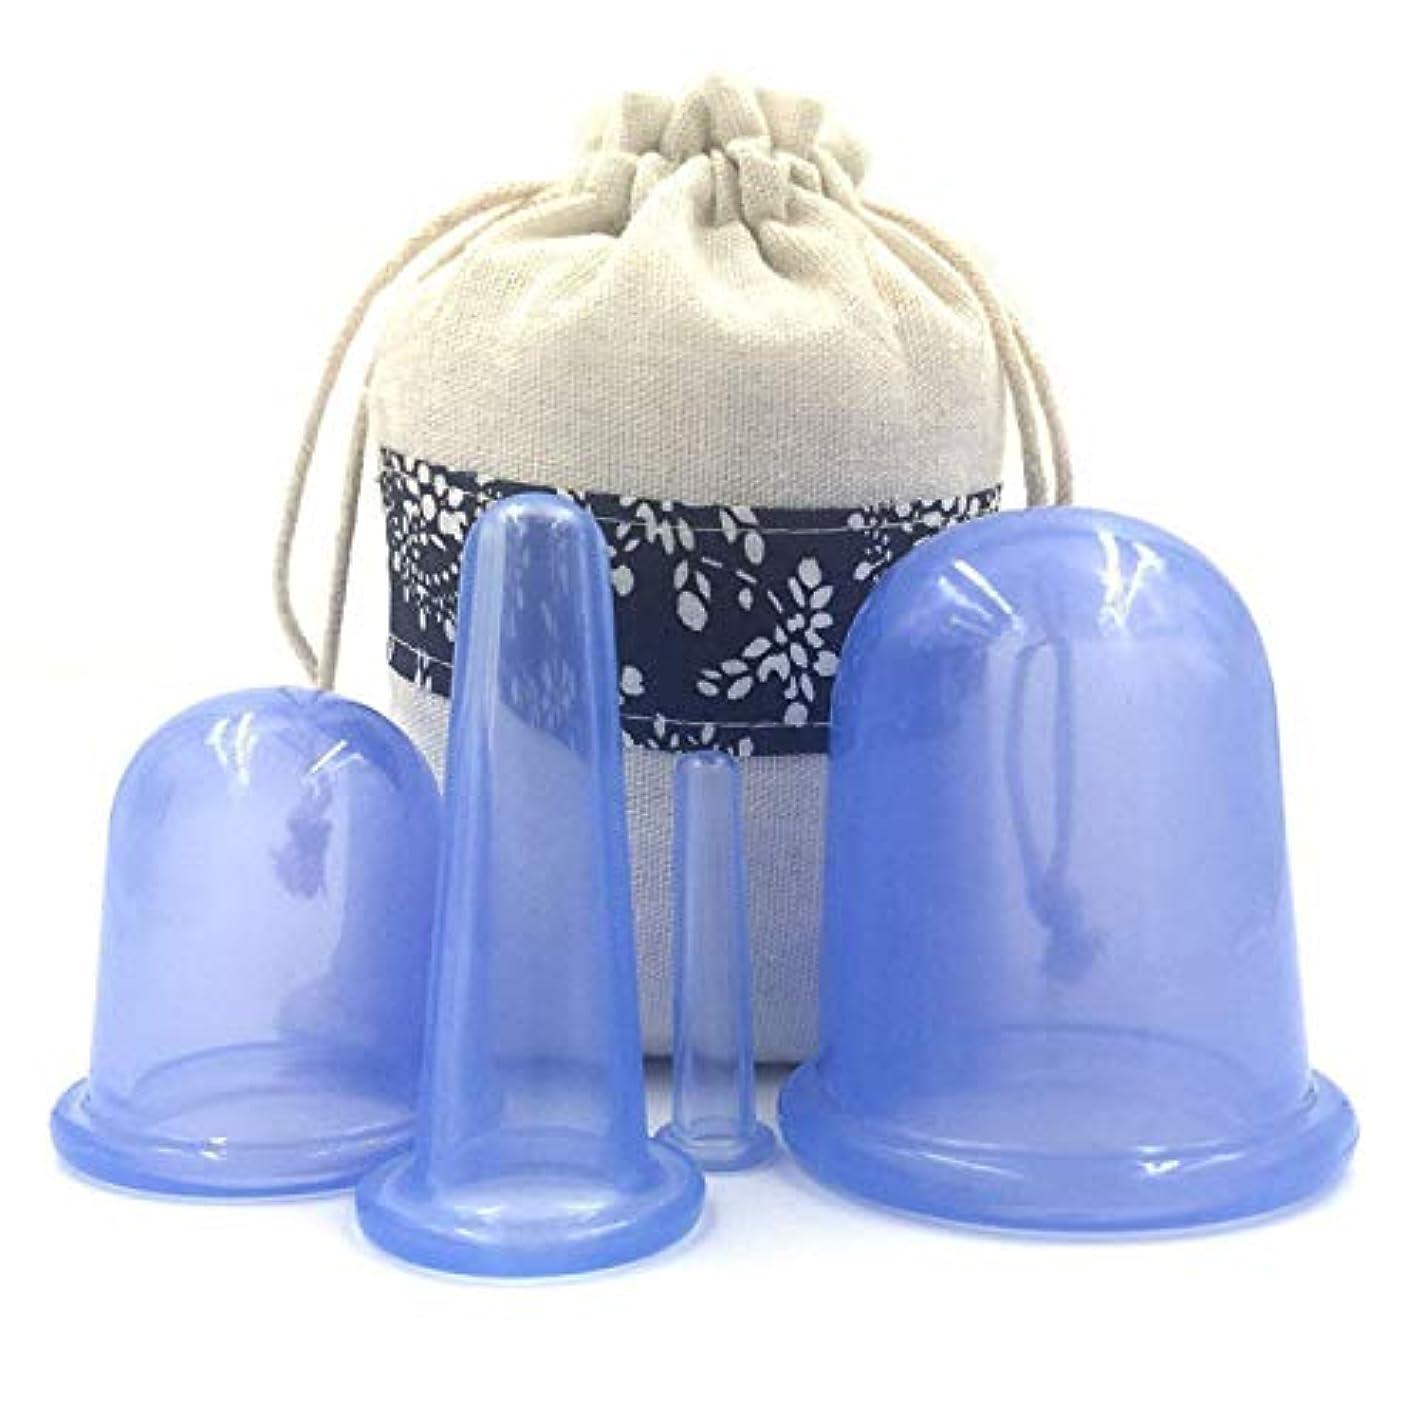 電気技師差別受け取るセルライトカッピング療法シリコーンカッピングセット家庭用水分カッピングカッピングマッサージカップ